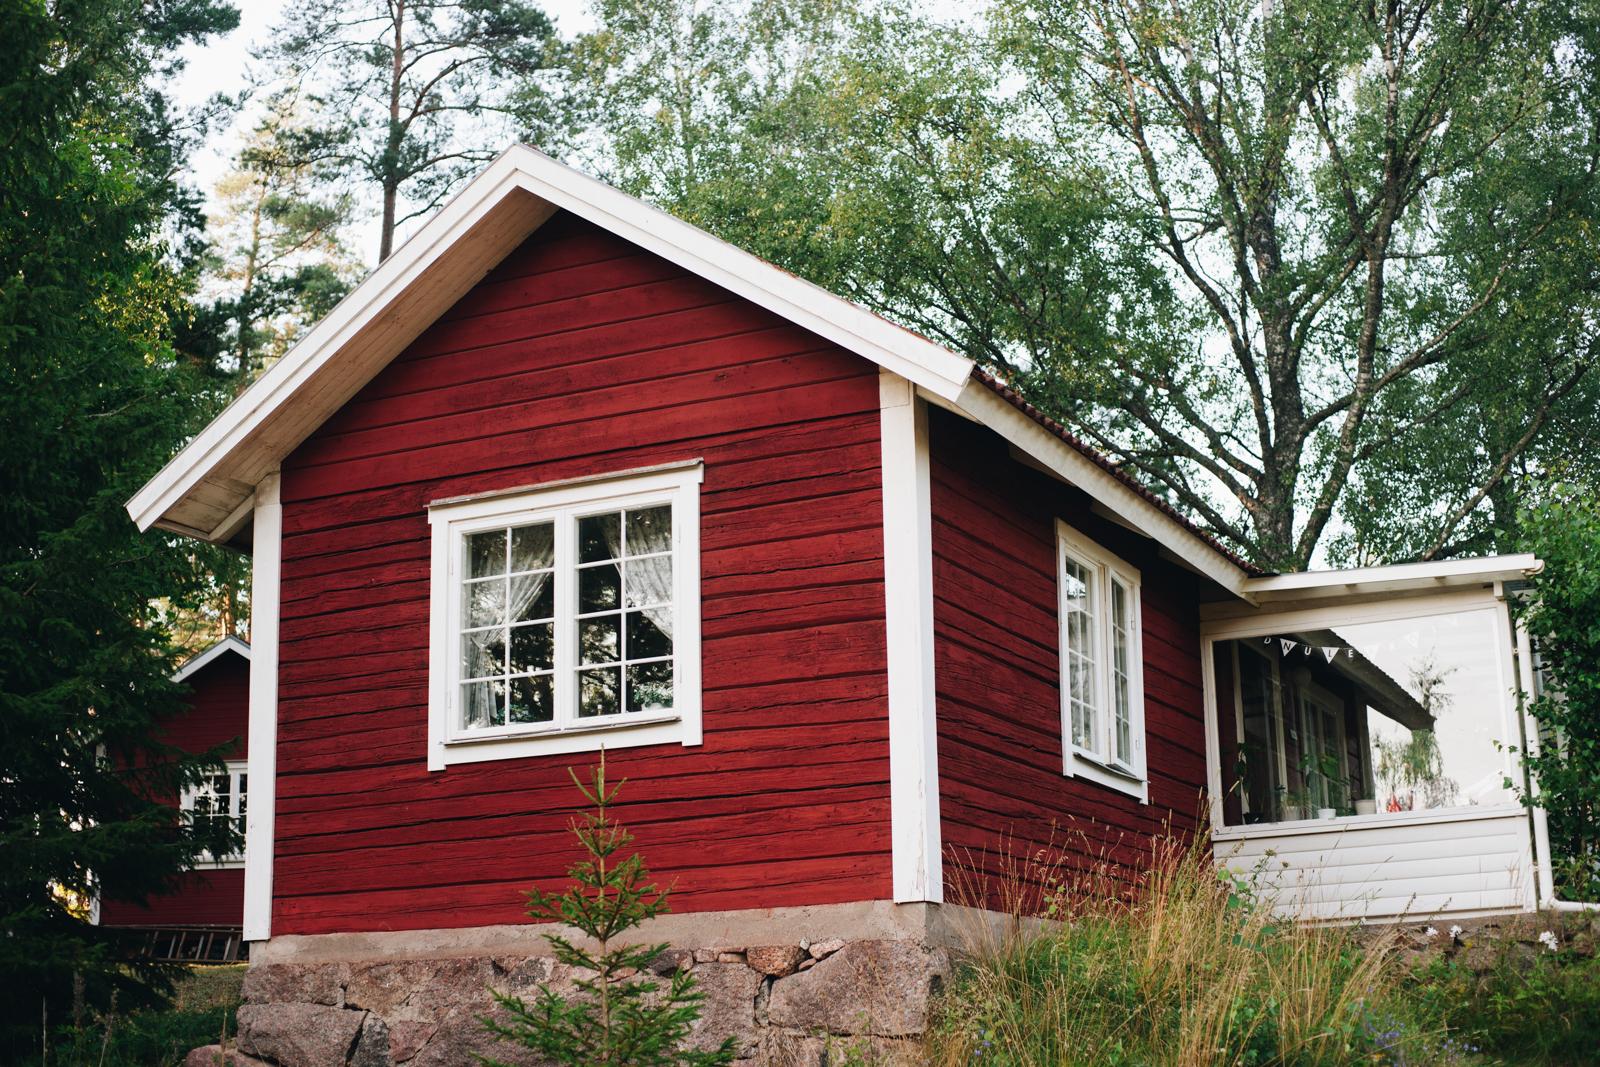 szwedzkie domki letniskowe